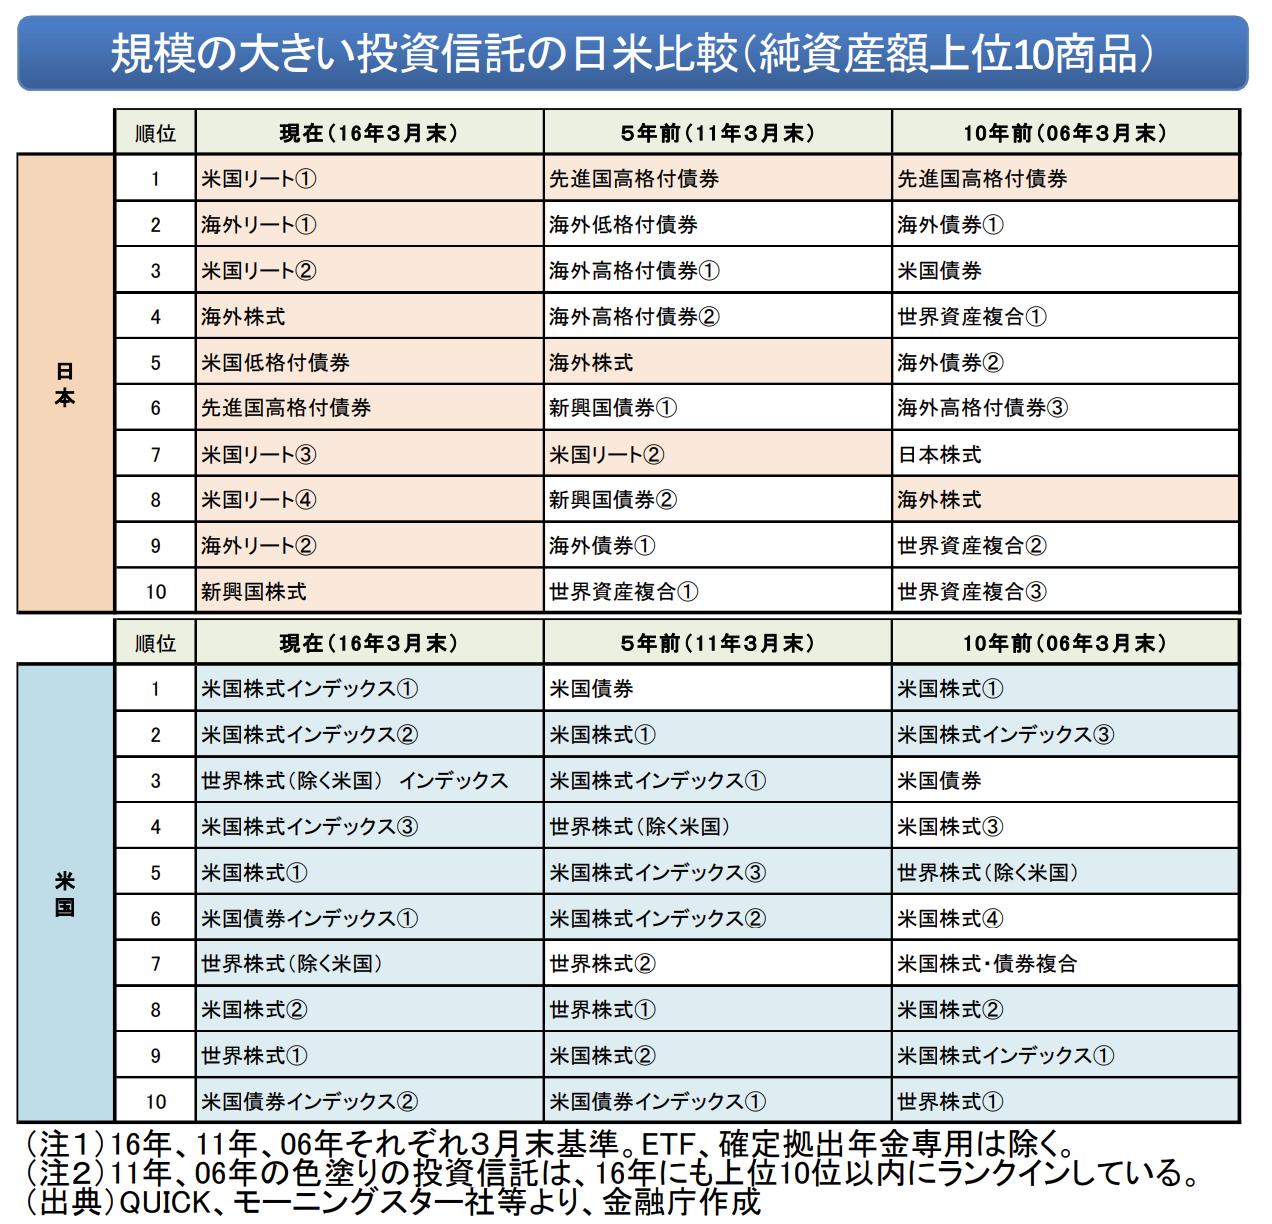 規模の大きい投資信託の日米比較(純資産額上位10商品)